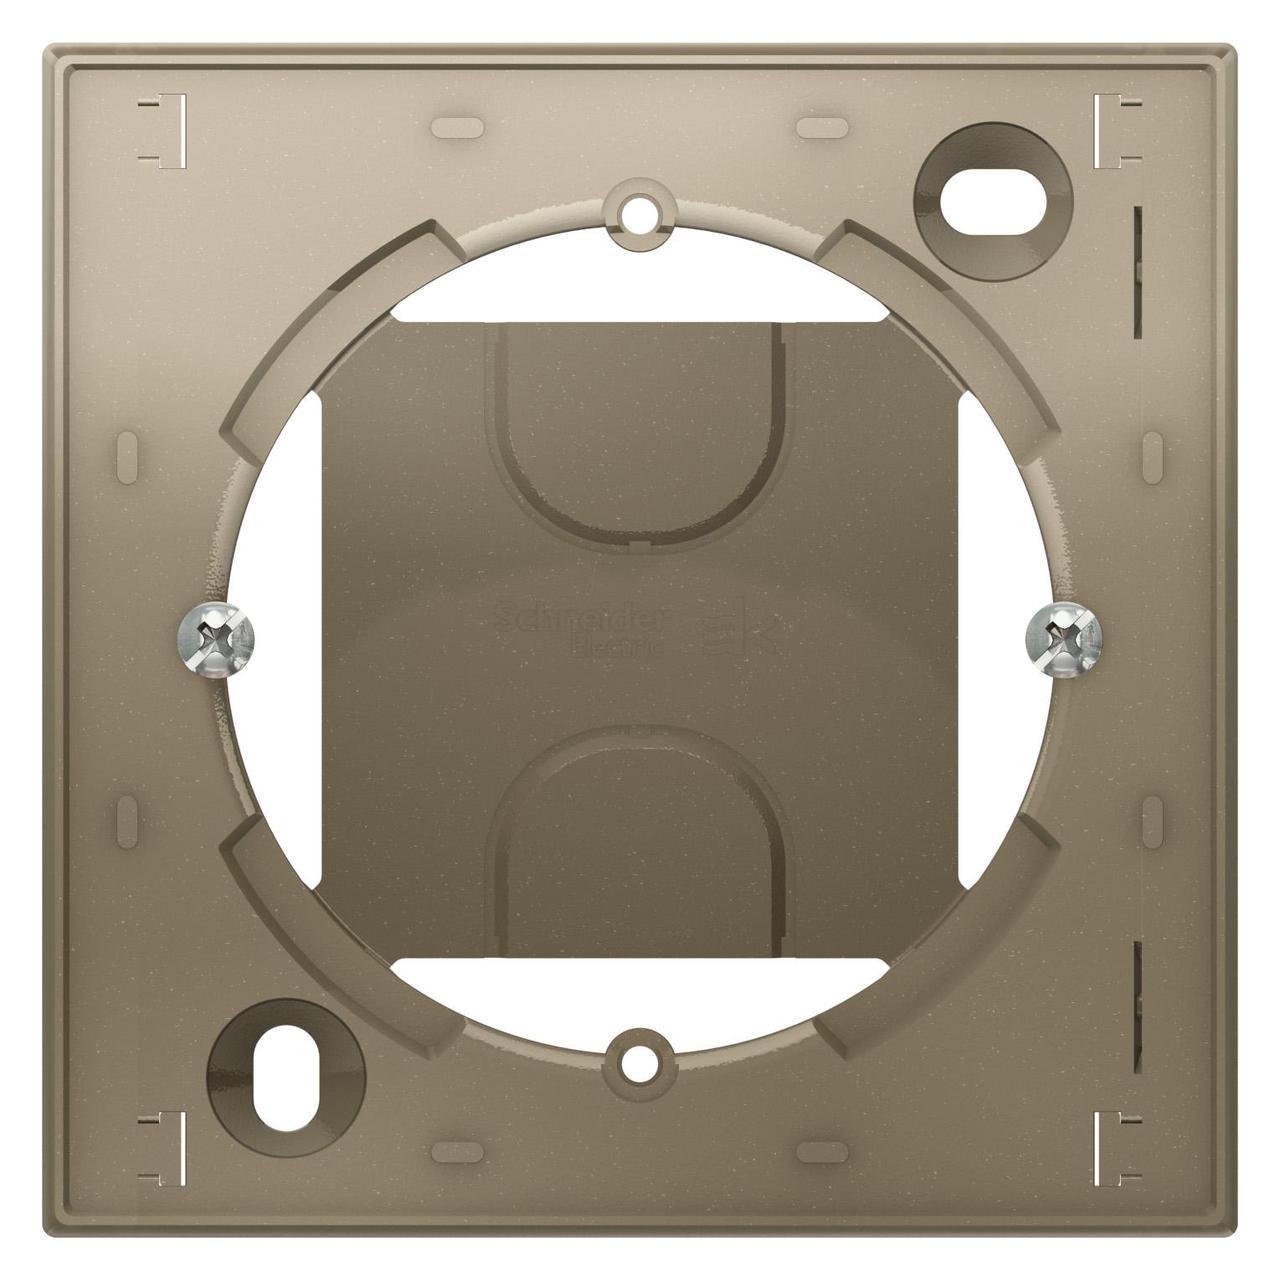 Рамка подъемная 1-ая , Шампань, серия Atlas Design, Schneider Electric